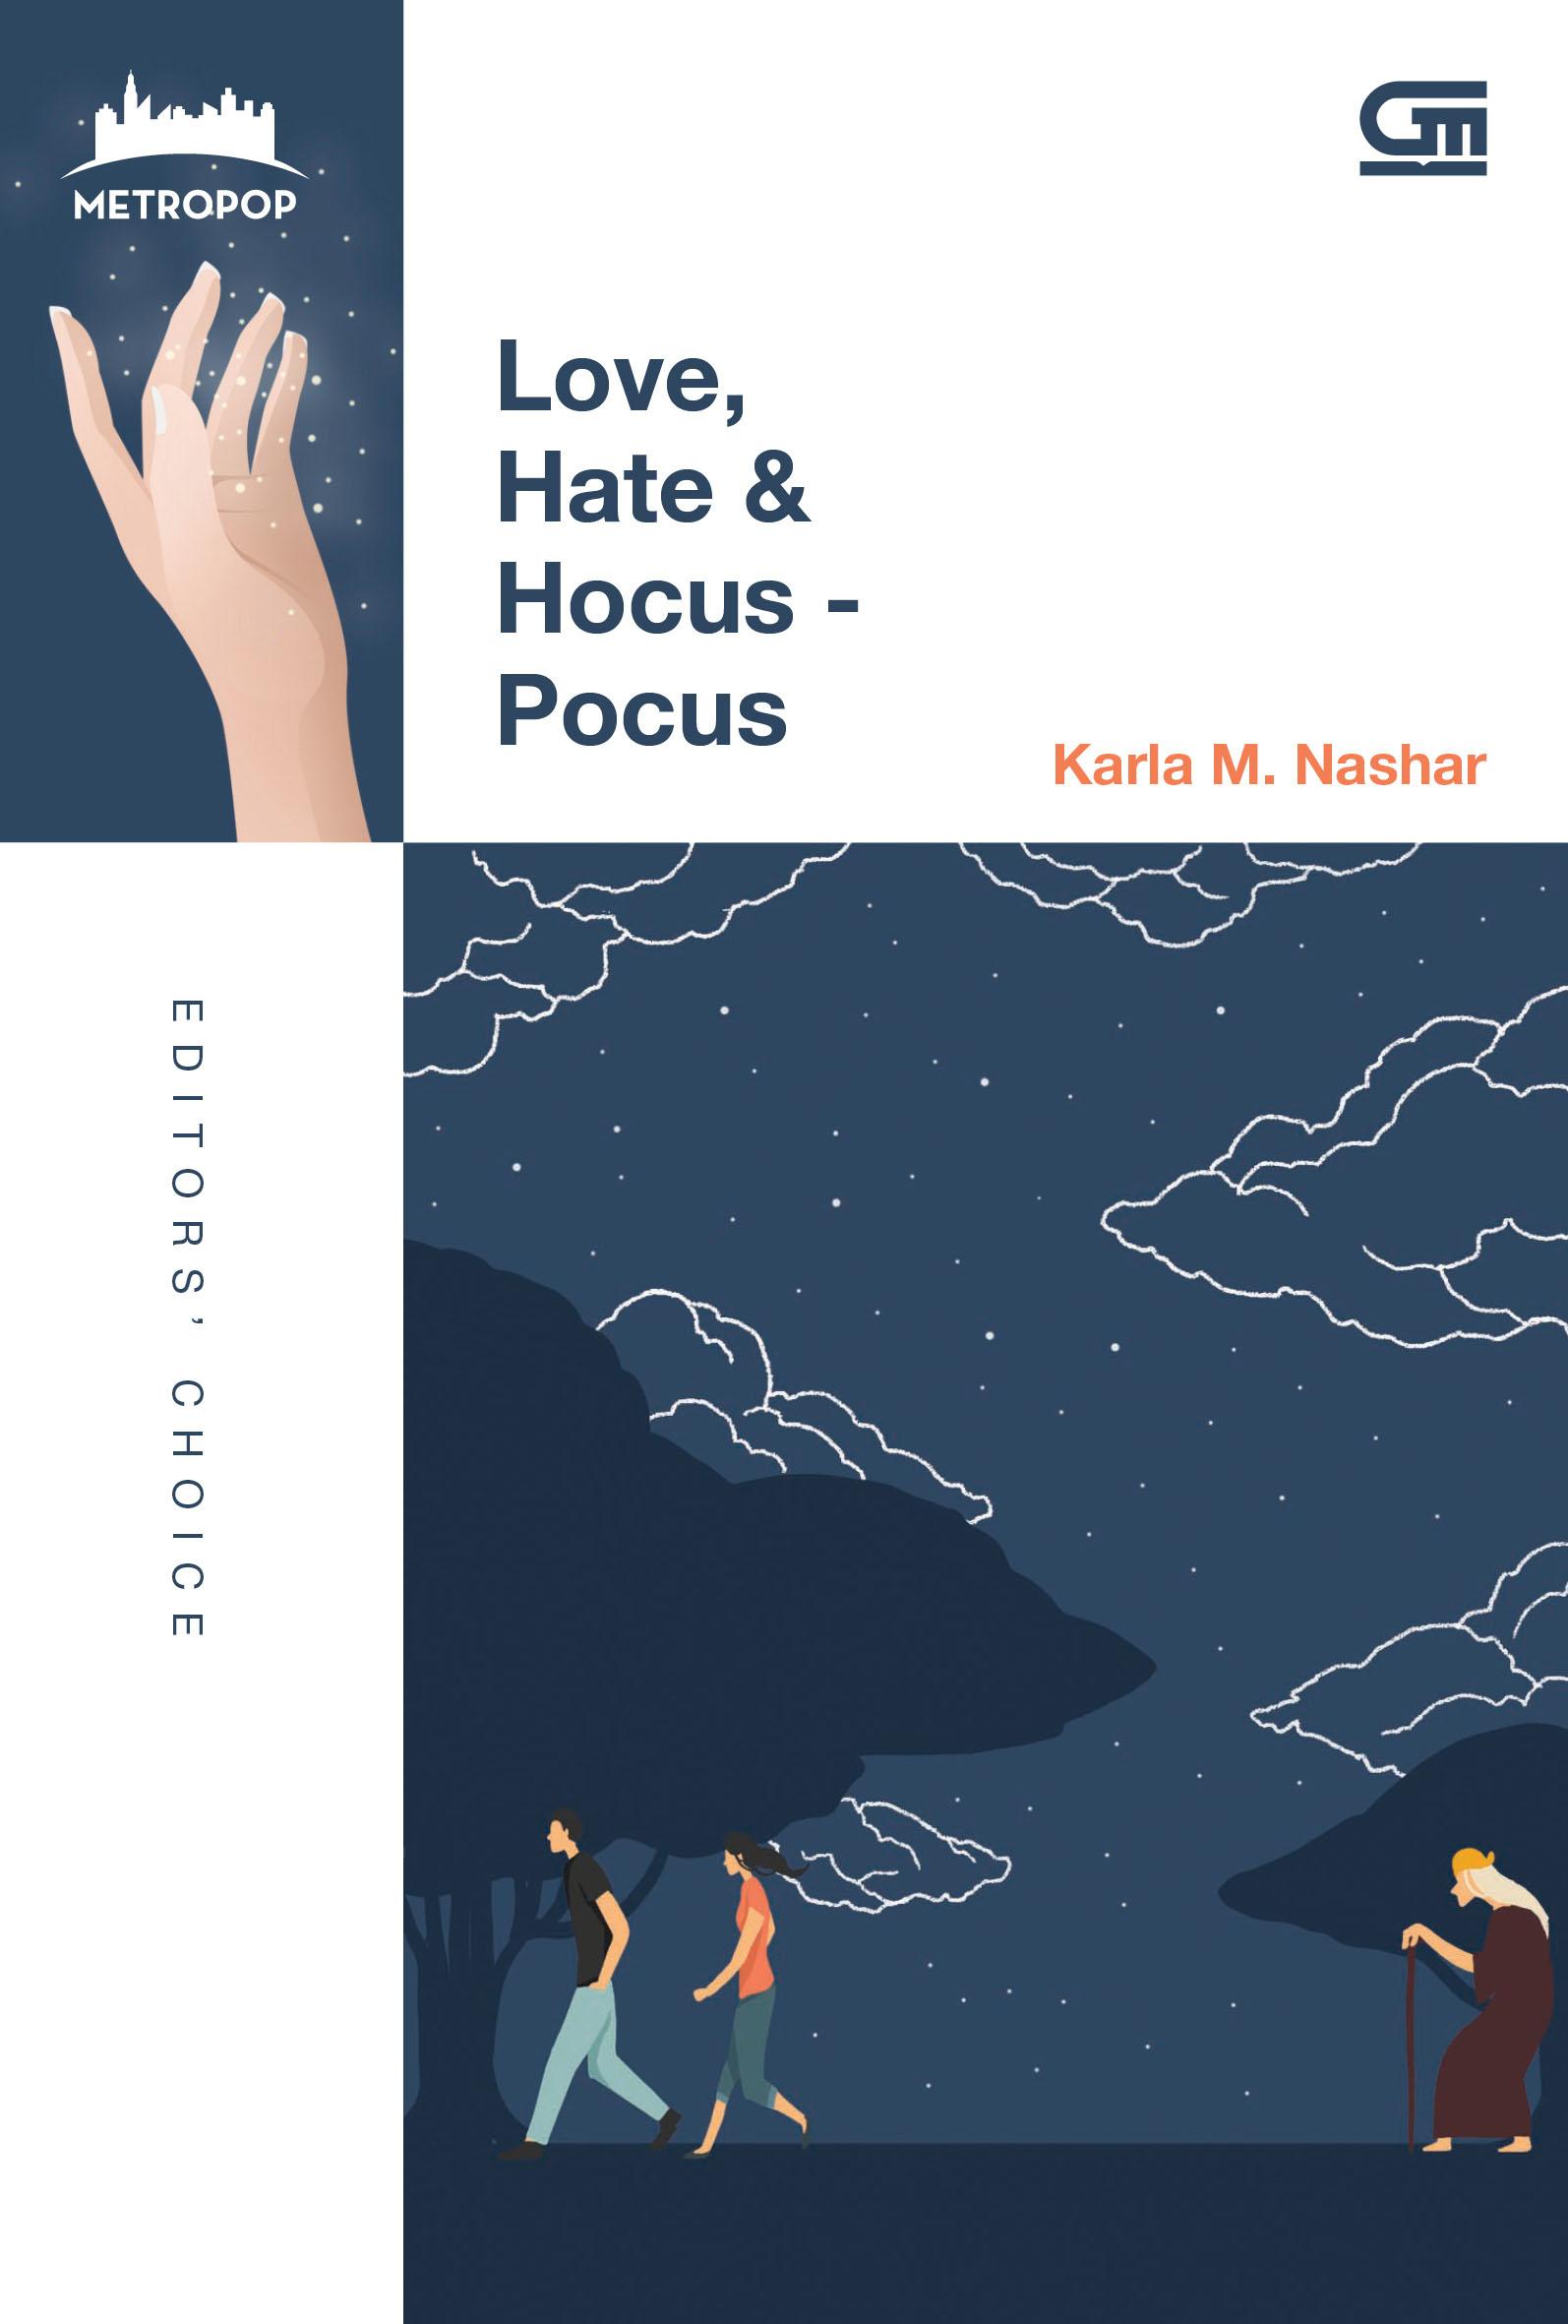 MetroPop Klasik: Love, Hate & Hocus-Pocus